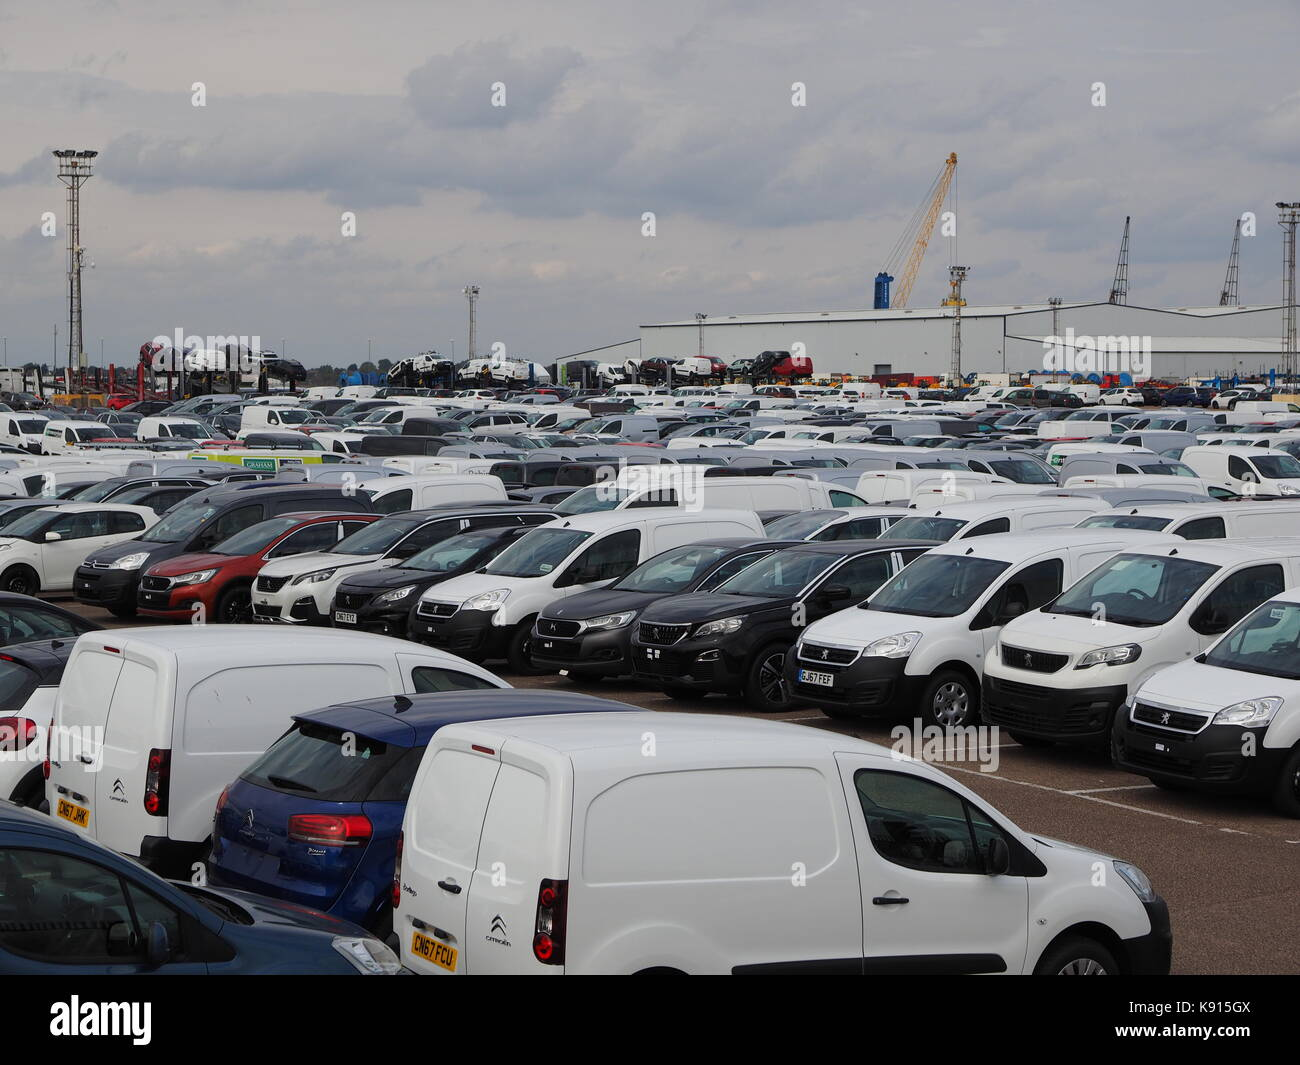 Volkswagen New Cars Stock Photos Amp Volkswagen New Cars